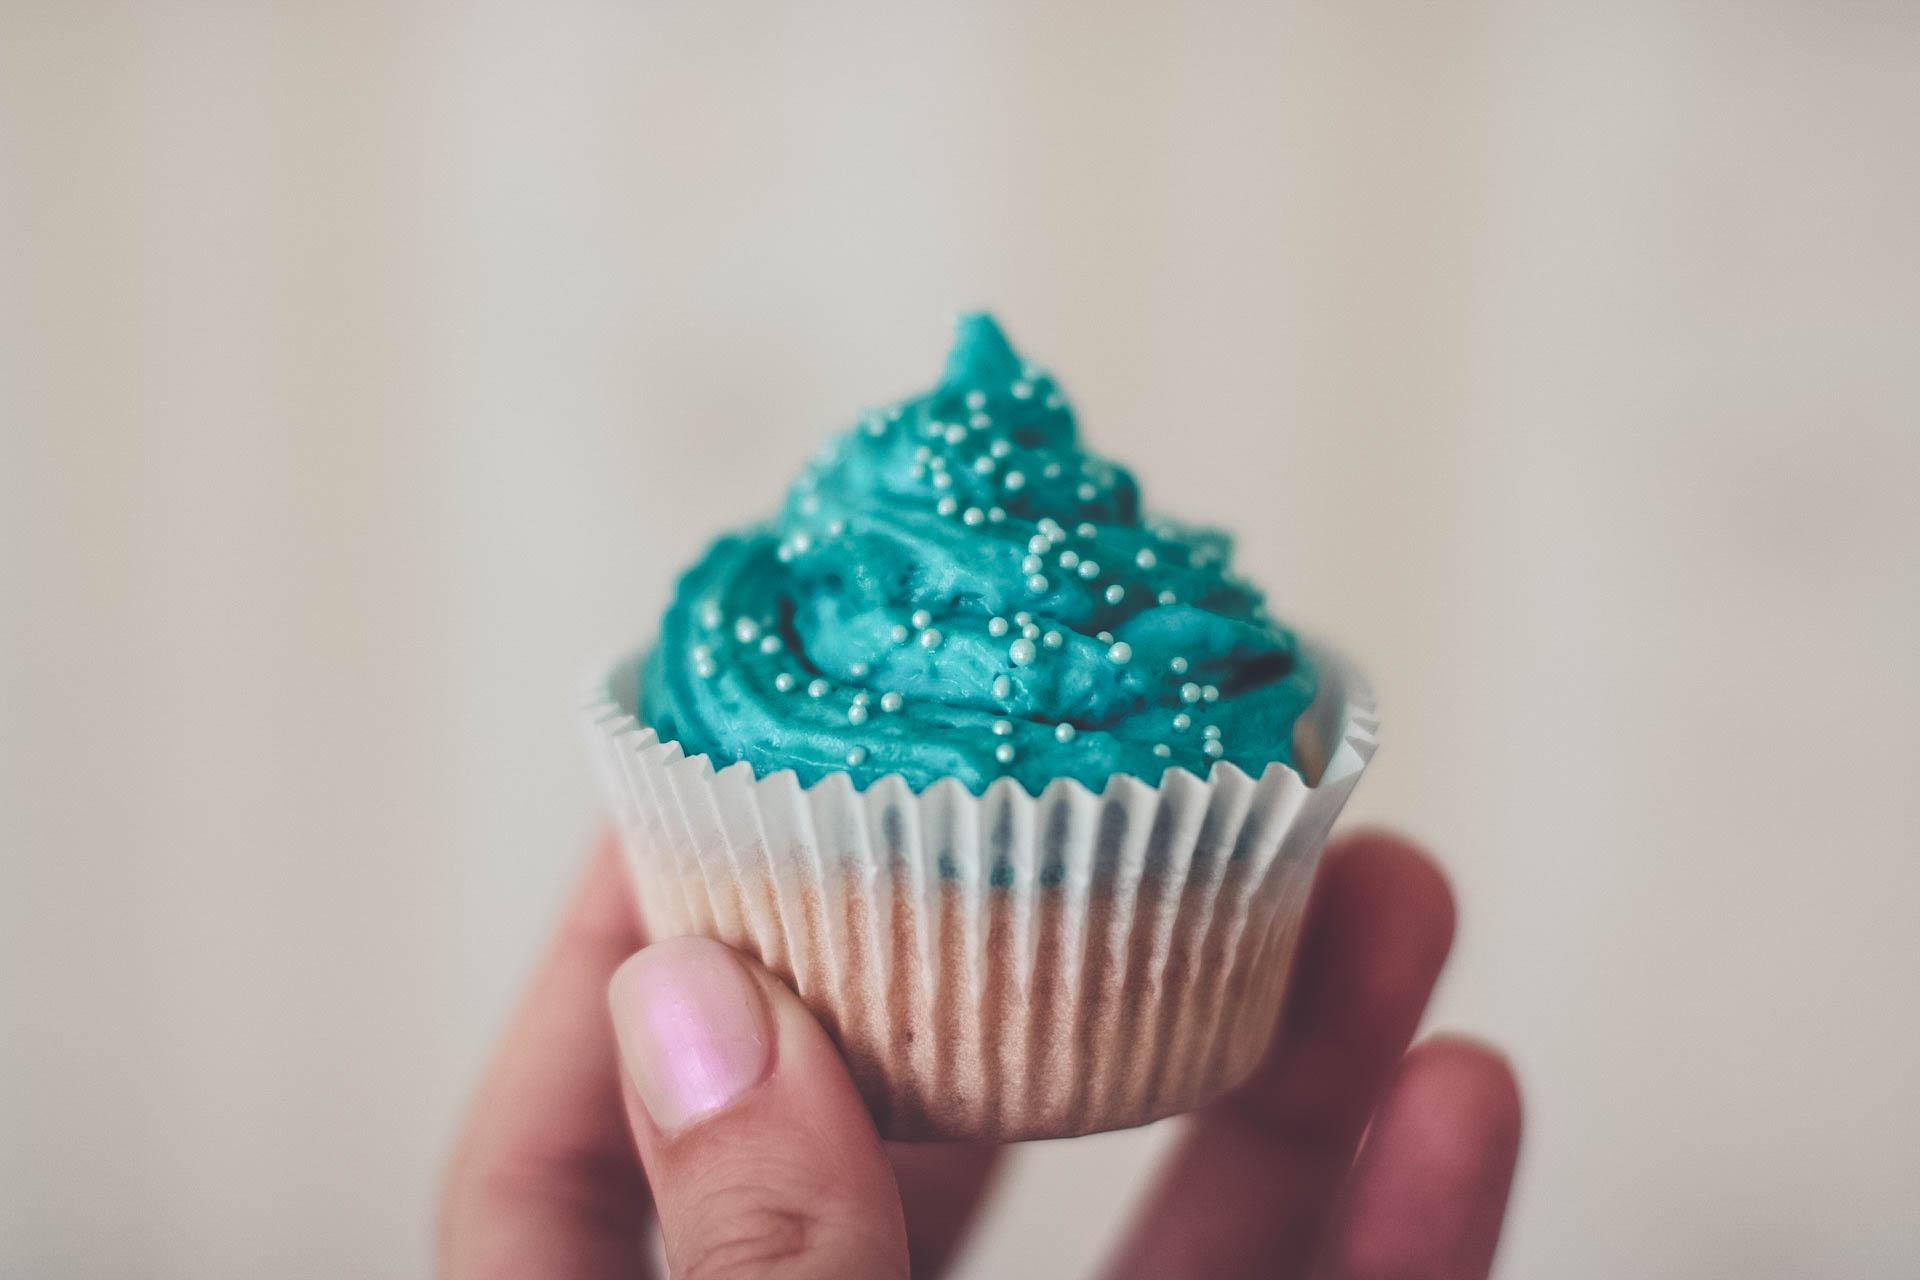 Cupcakes 4EVAH.